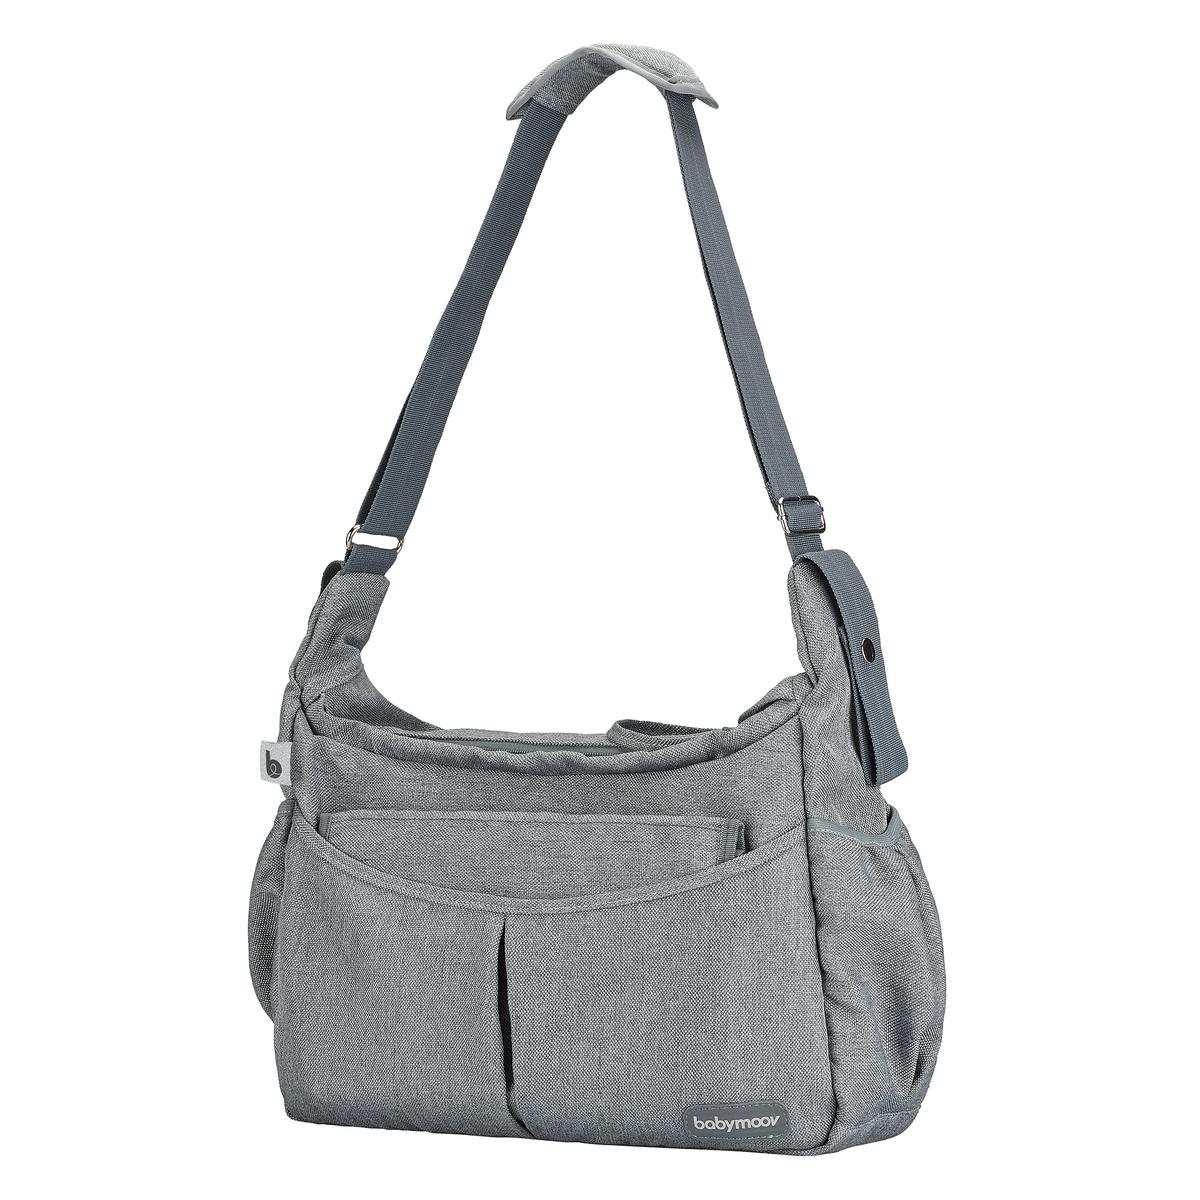 An image of Babymoov Urban Bag Smokey Changing Bag